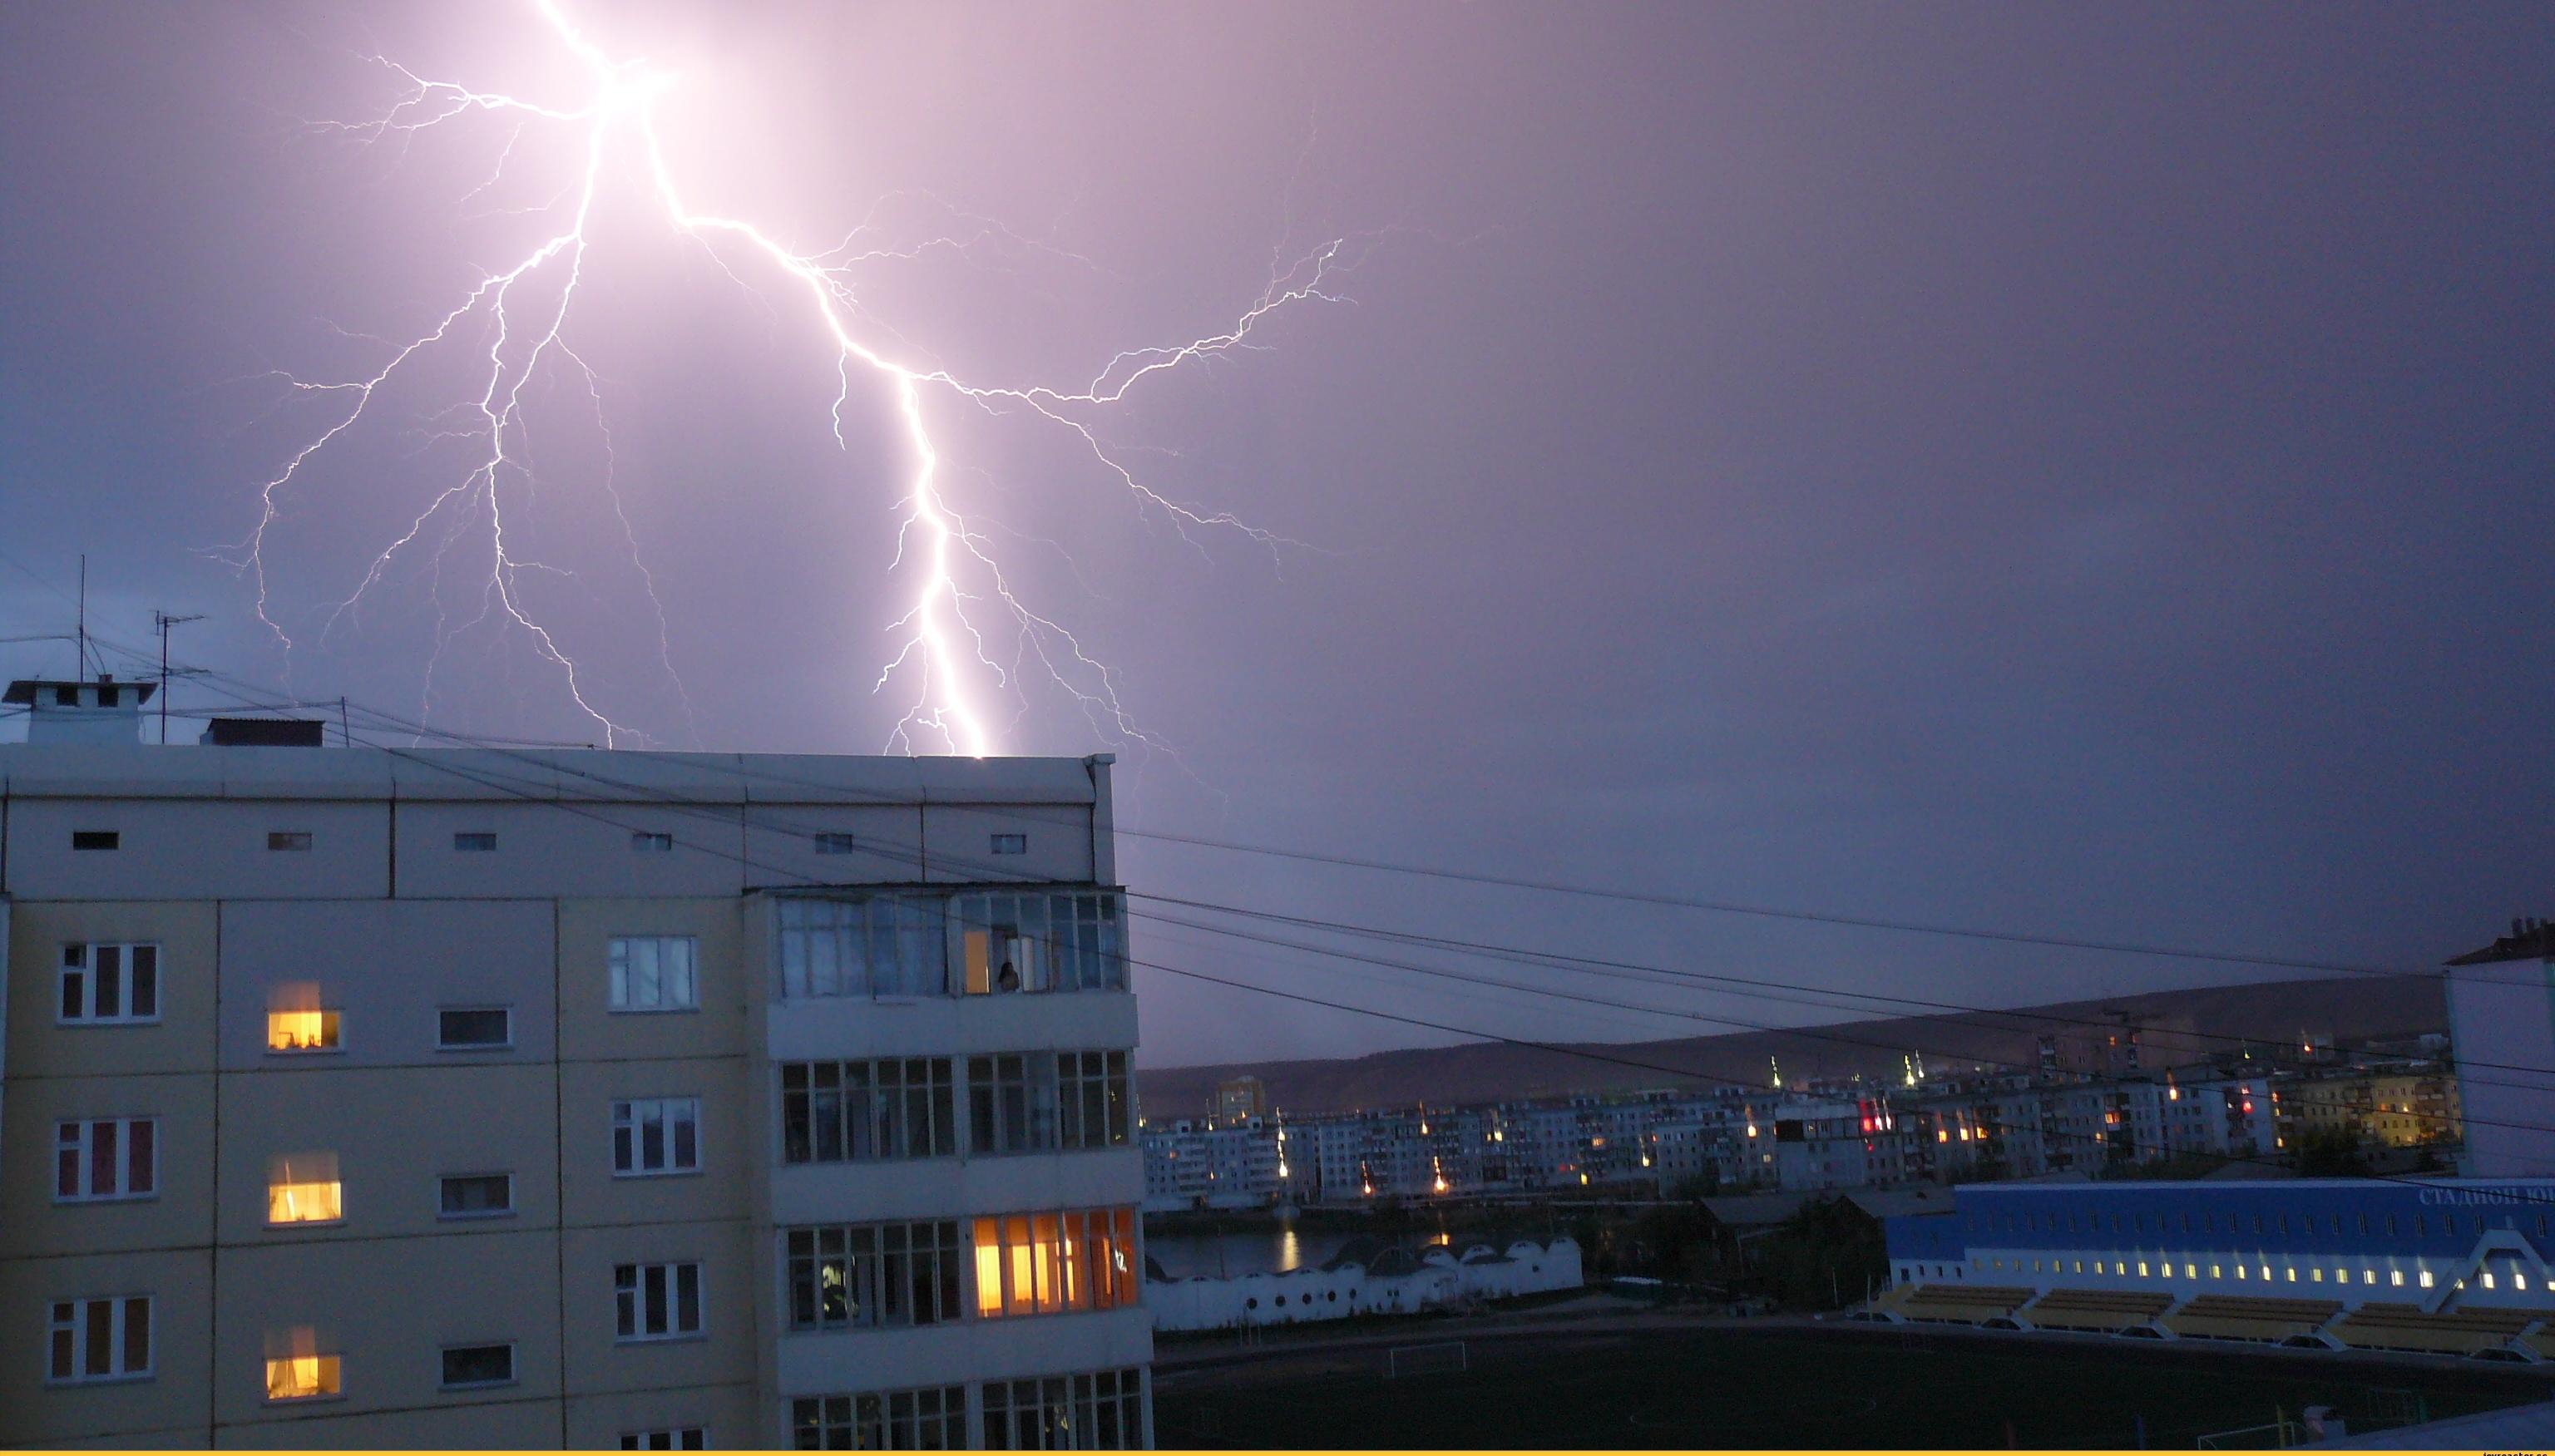 Электроснабжение запорожье получение ТУ от энергетической компании в Тишинская площадь